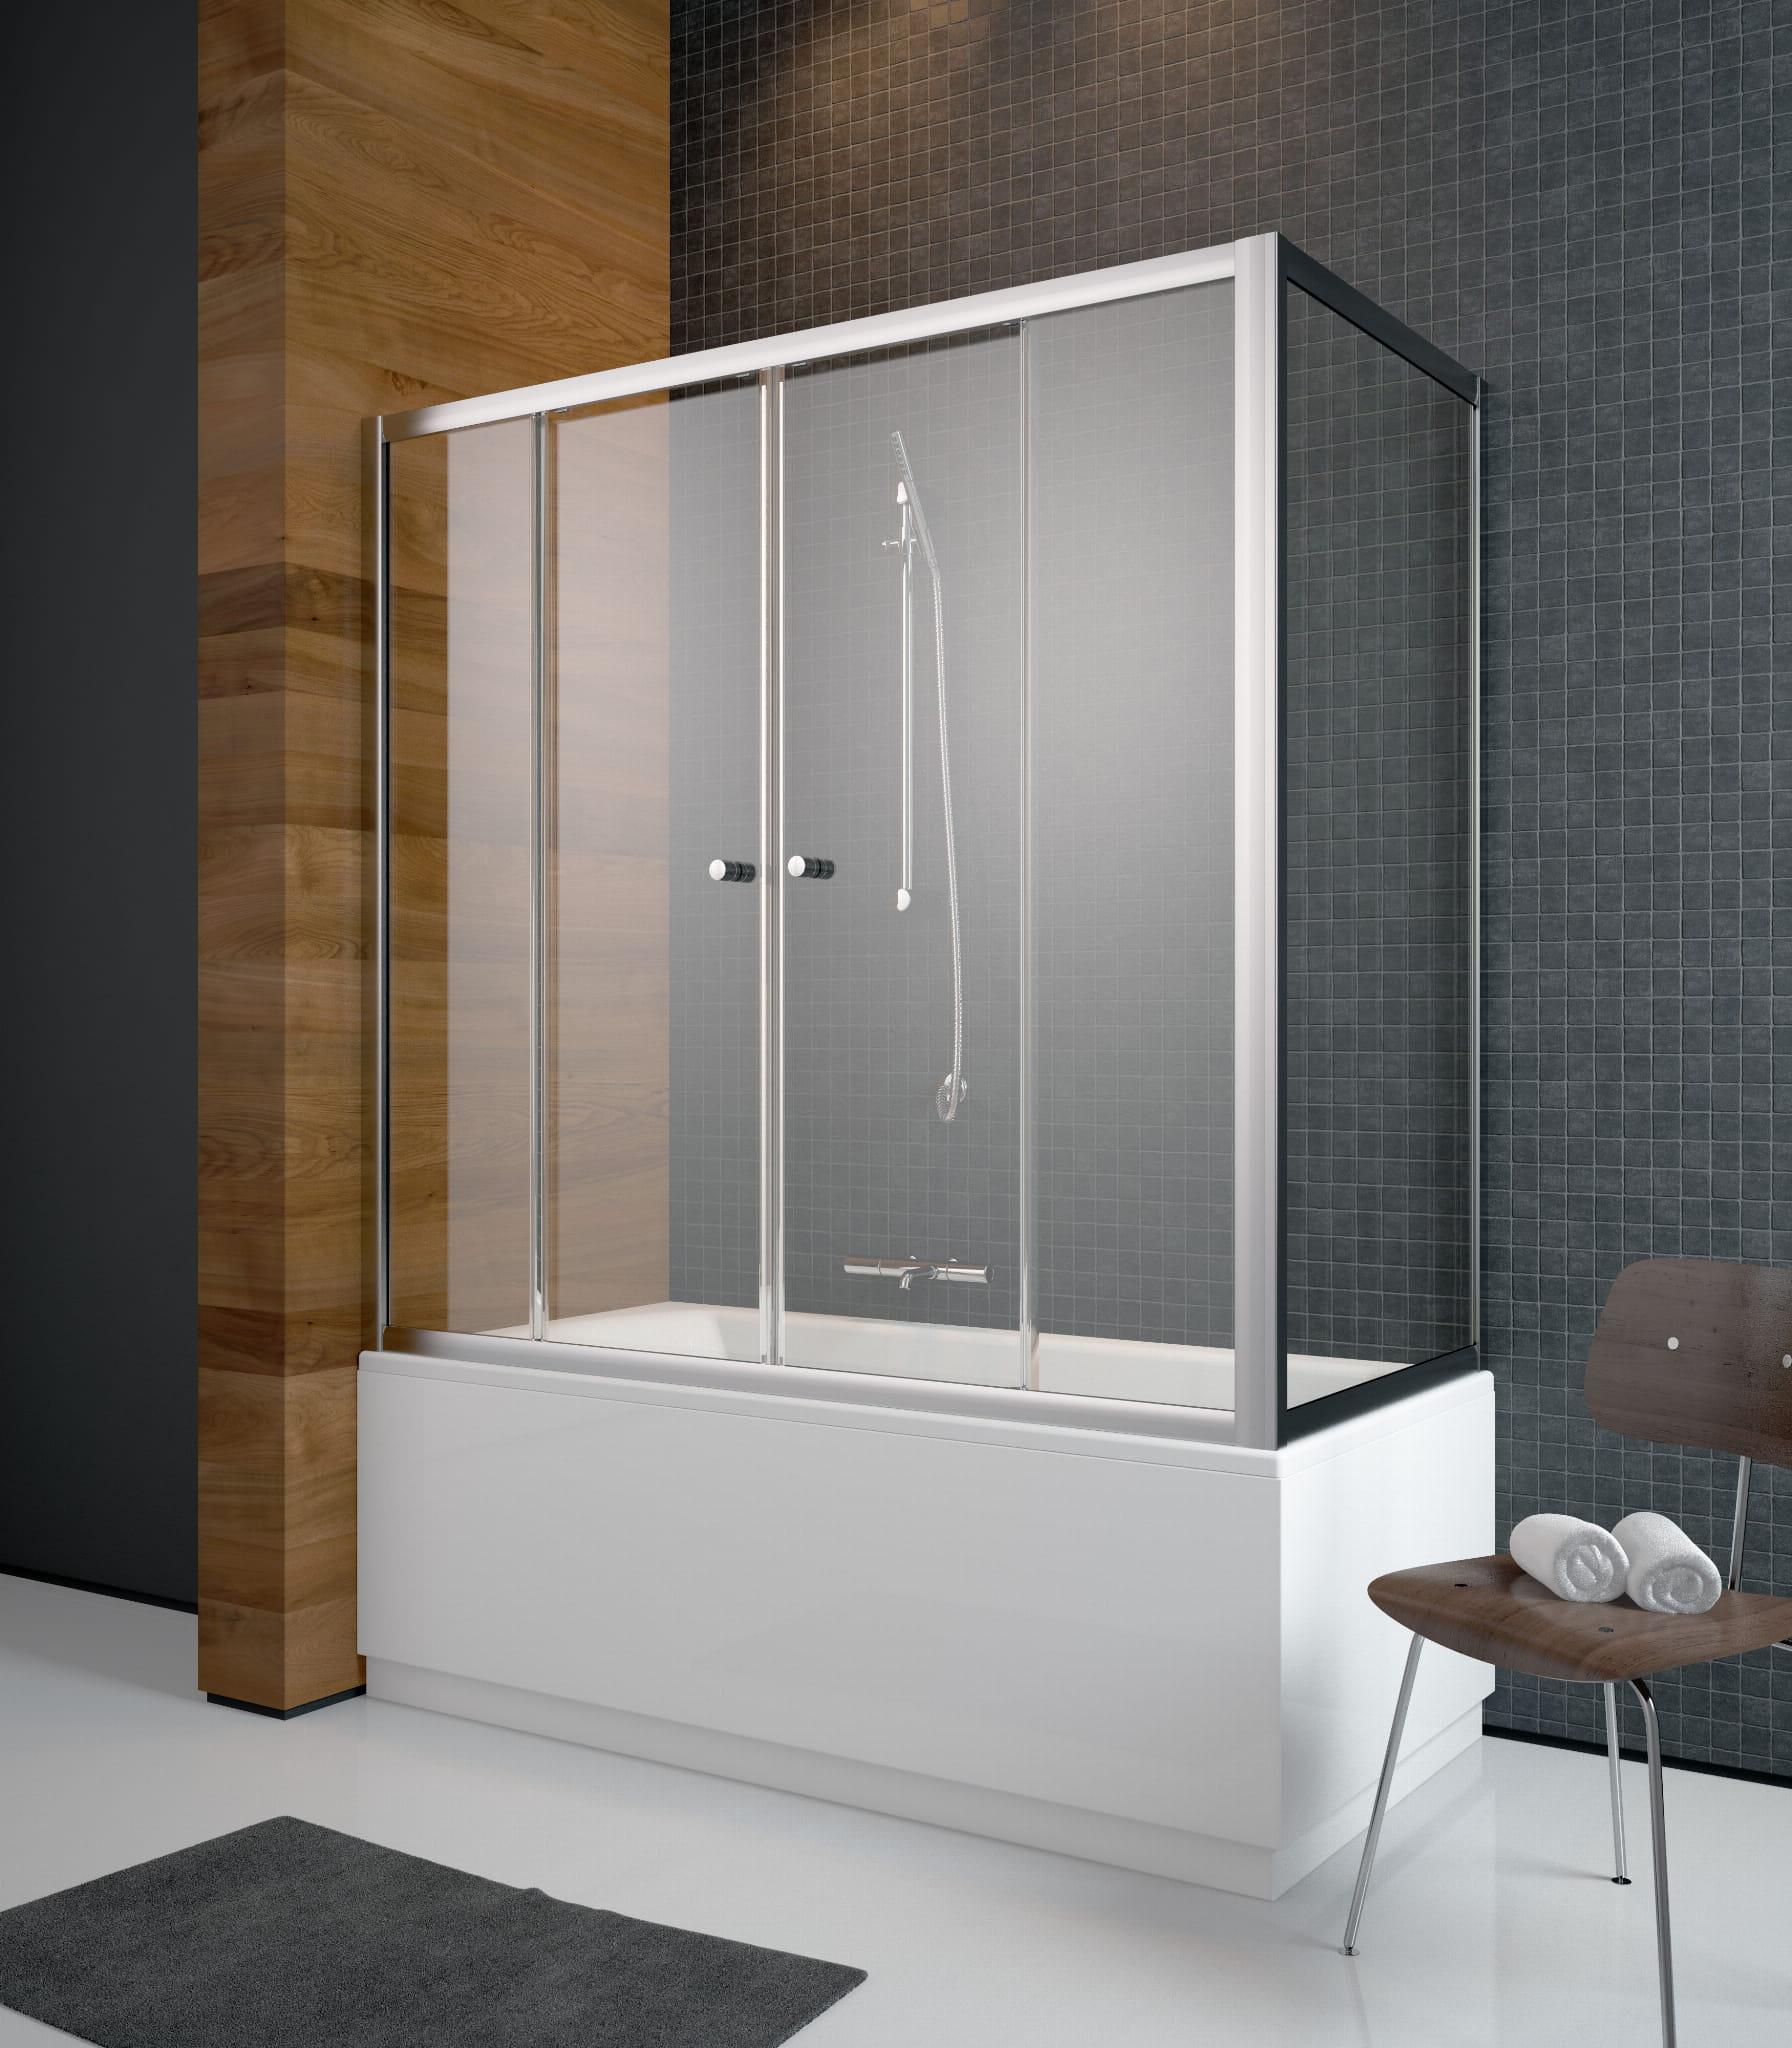 Radaway zabudowa nawannowa Vesta DWD+S 140 x 70,  szkło przejrzyste, wys. 150 cm 203140-01/204070-01